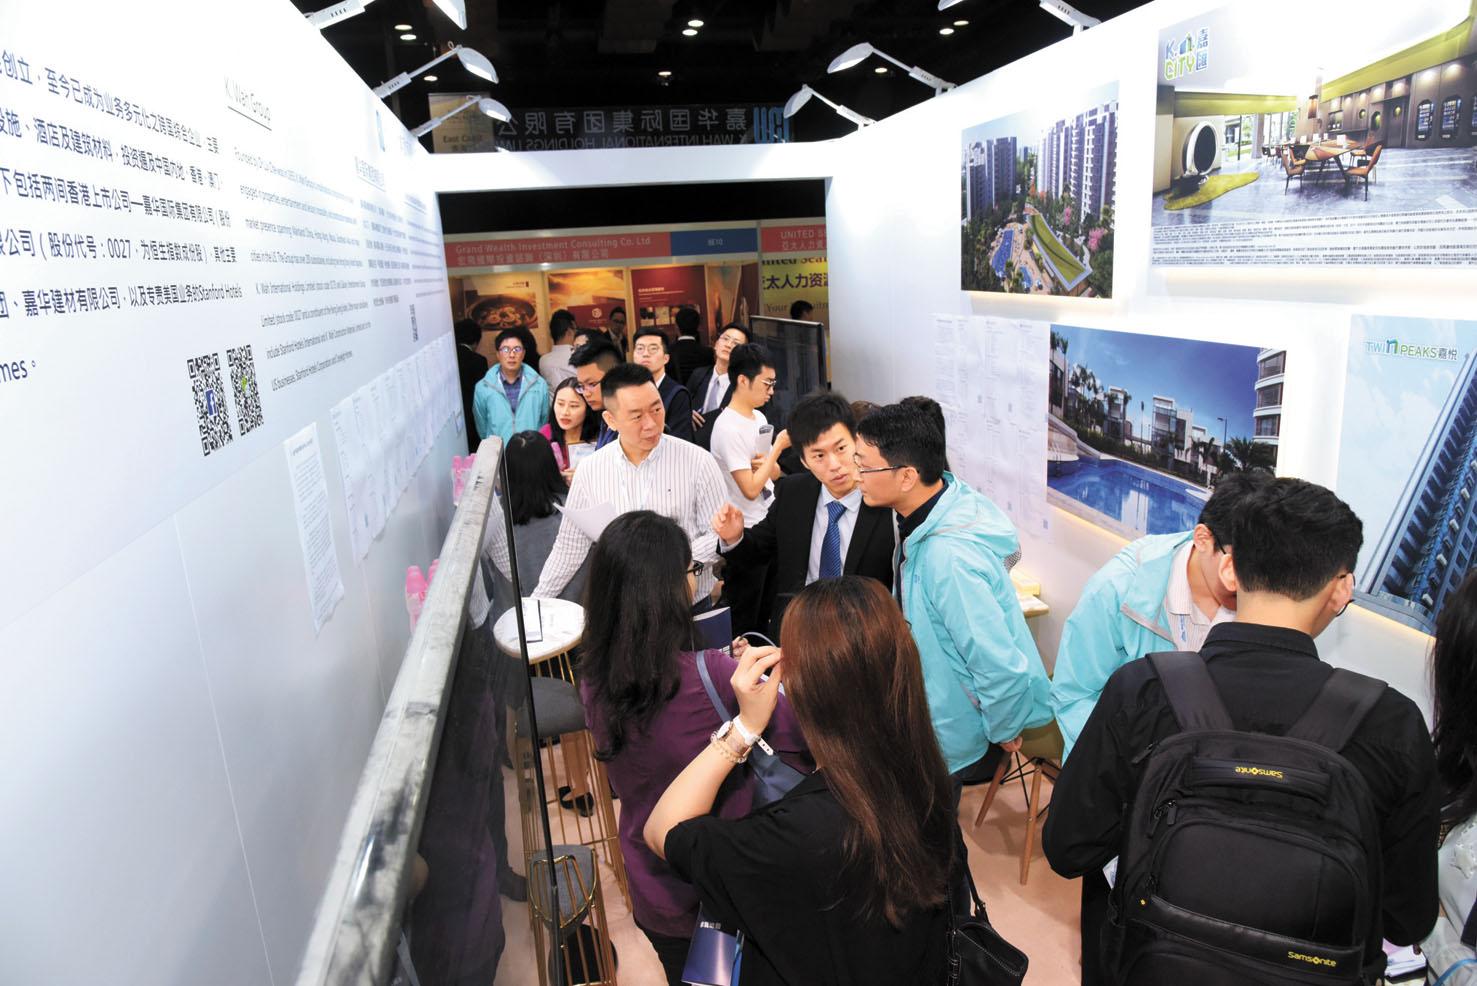 香港將與深圳商議推出政策,吸引在美華人回流。圖為香港舉辦的「創新香港國際人才嘉年華」活動,大批年輕求職者遞交求職資料。中通社資料圖片